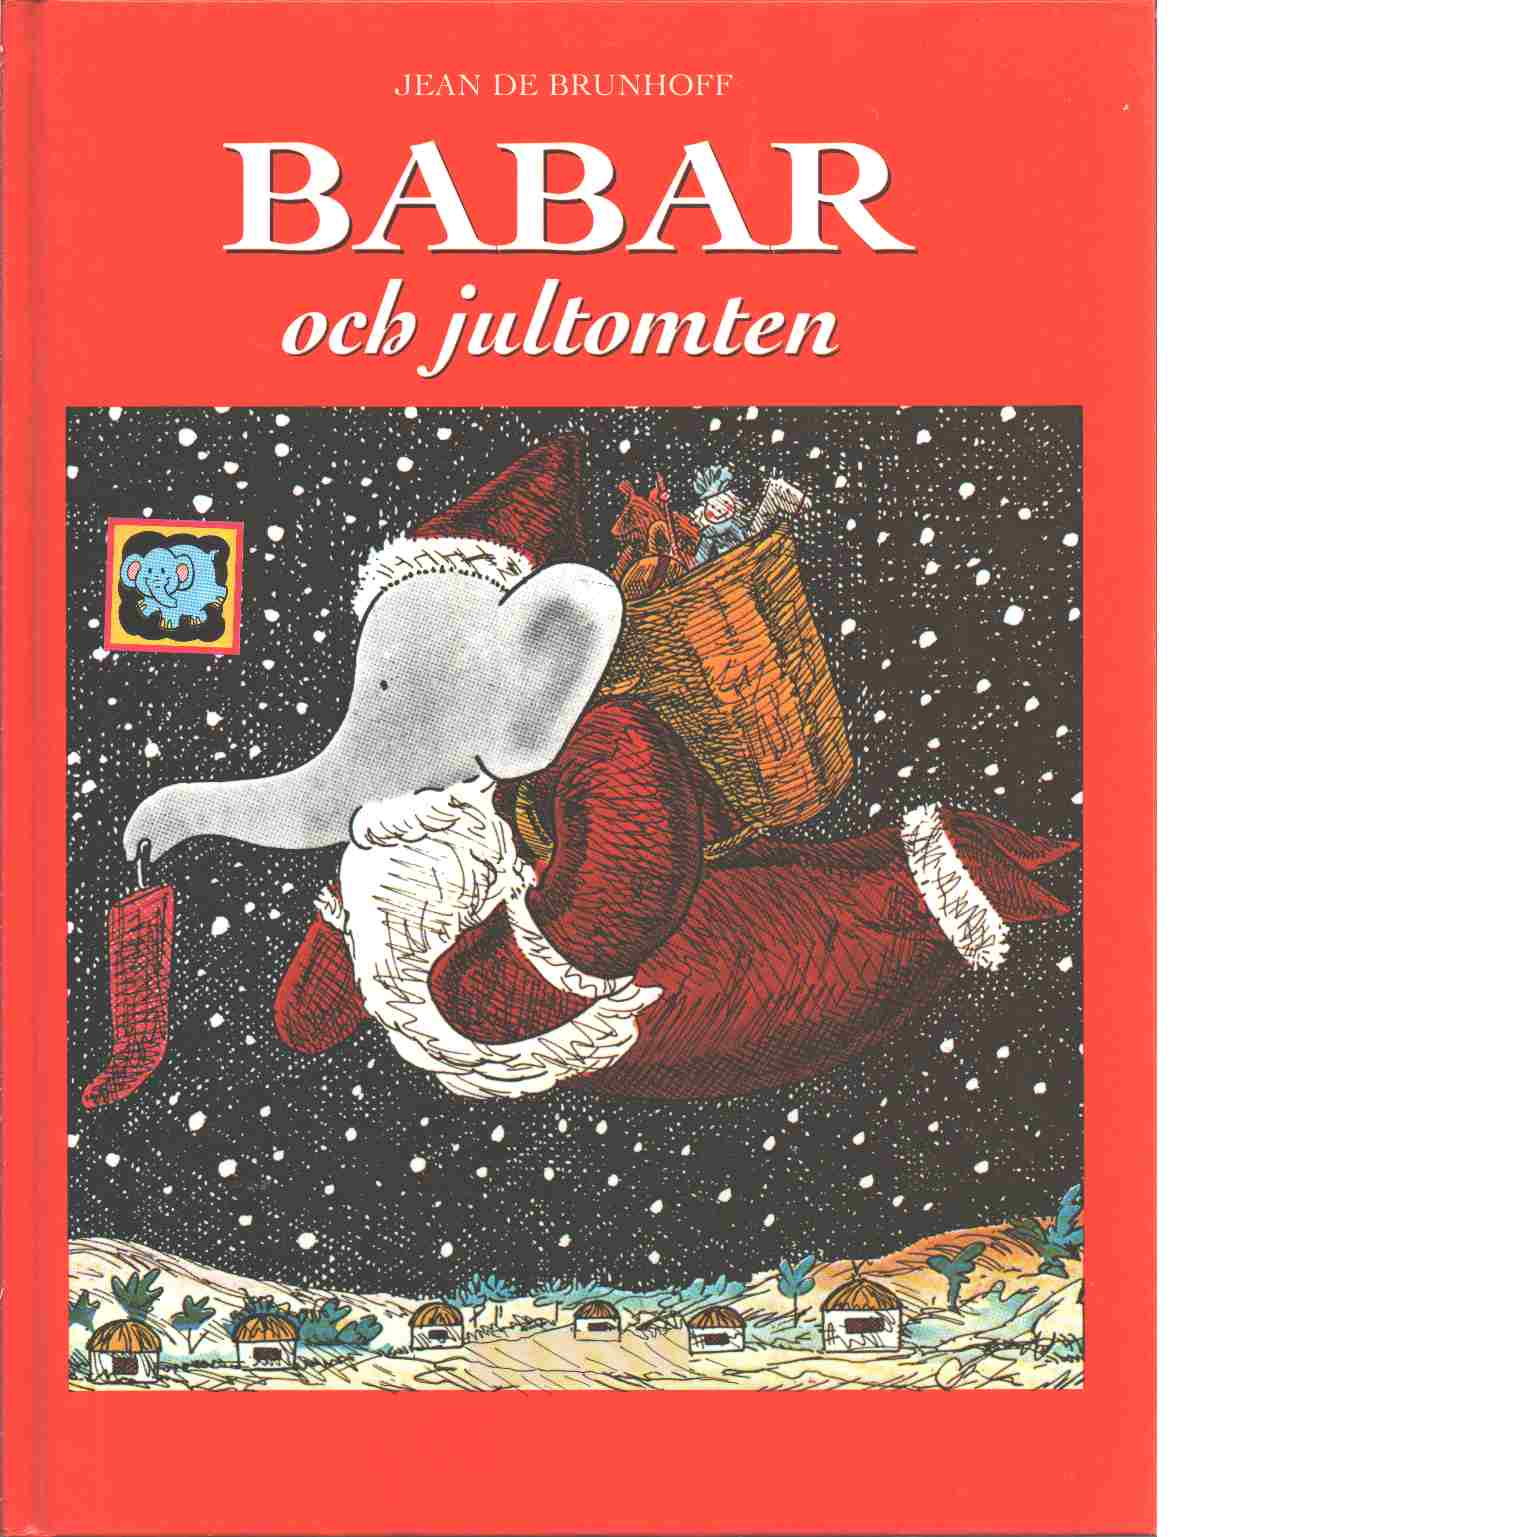 Babar och jultomten - Brunhoff, Jean de